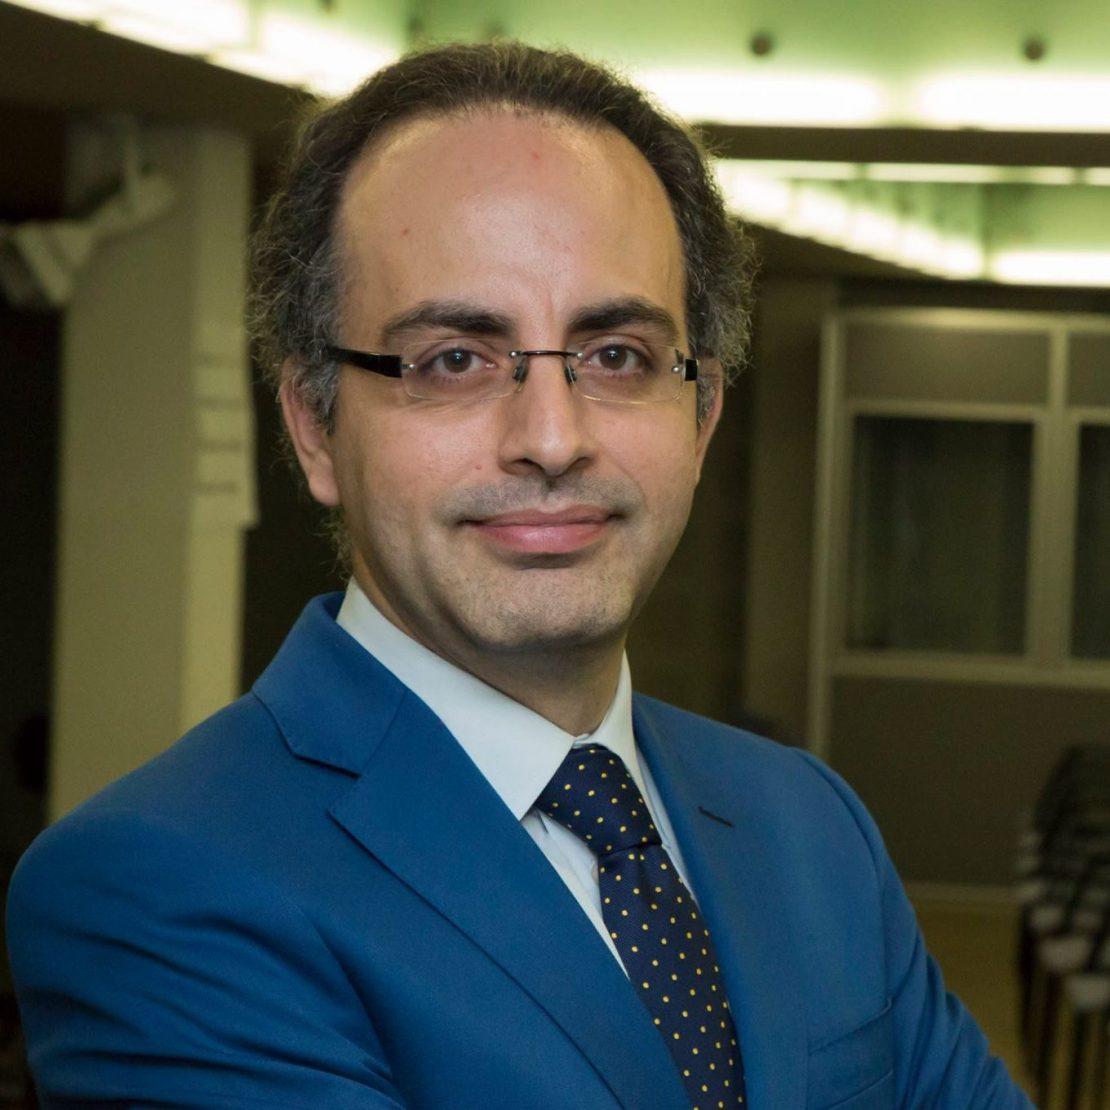 فادي العبدالله - صحافي لبناني